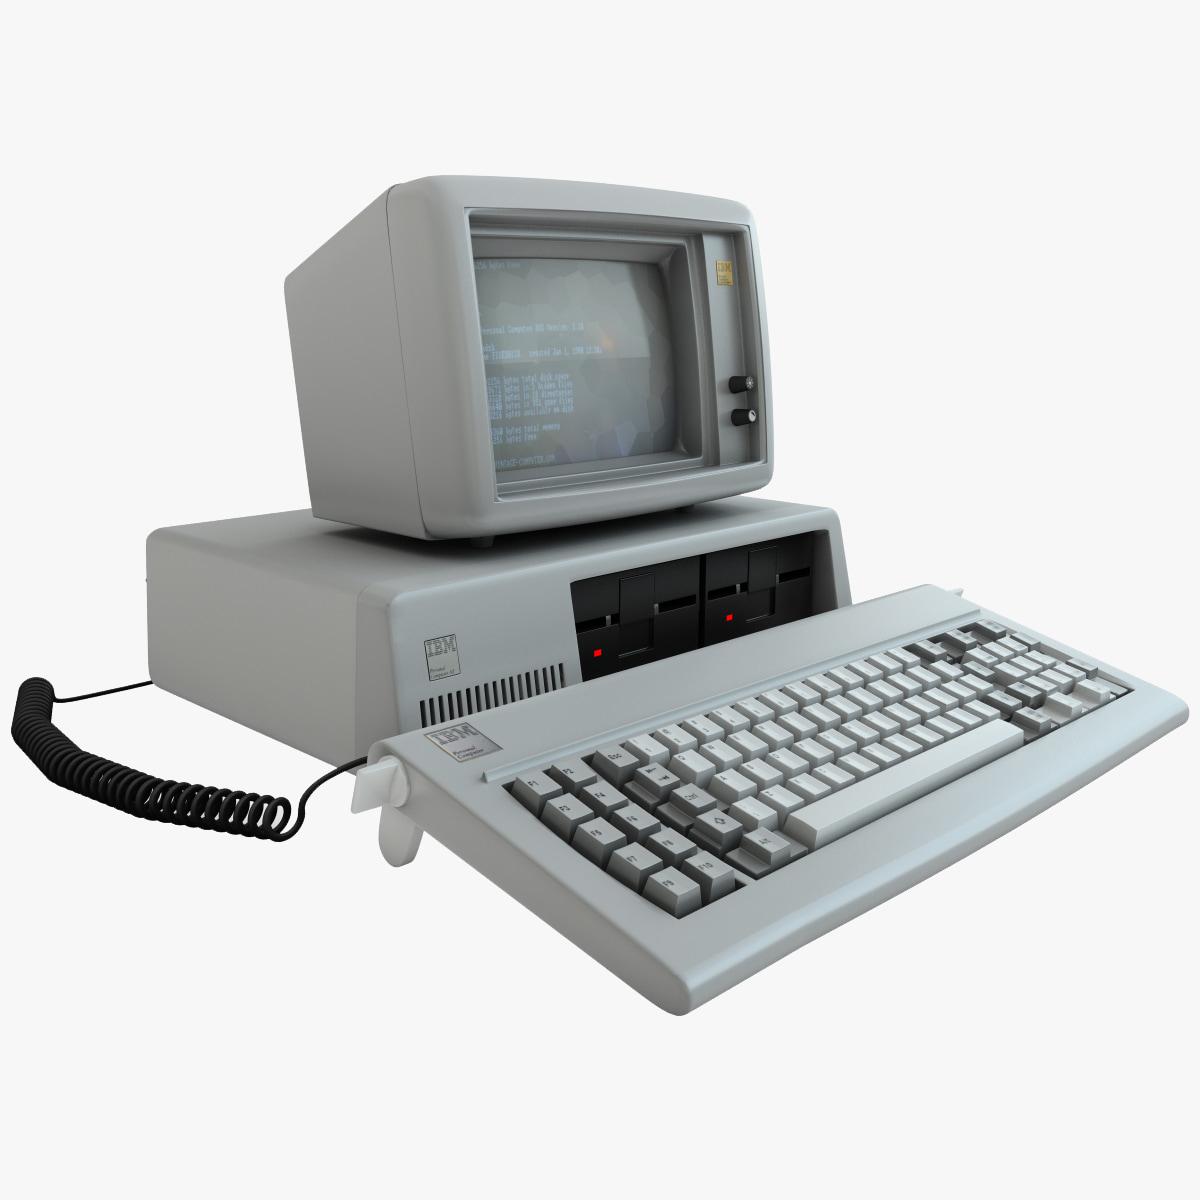 147859_IBM_PC_XT_Set_000.jpg